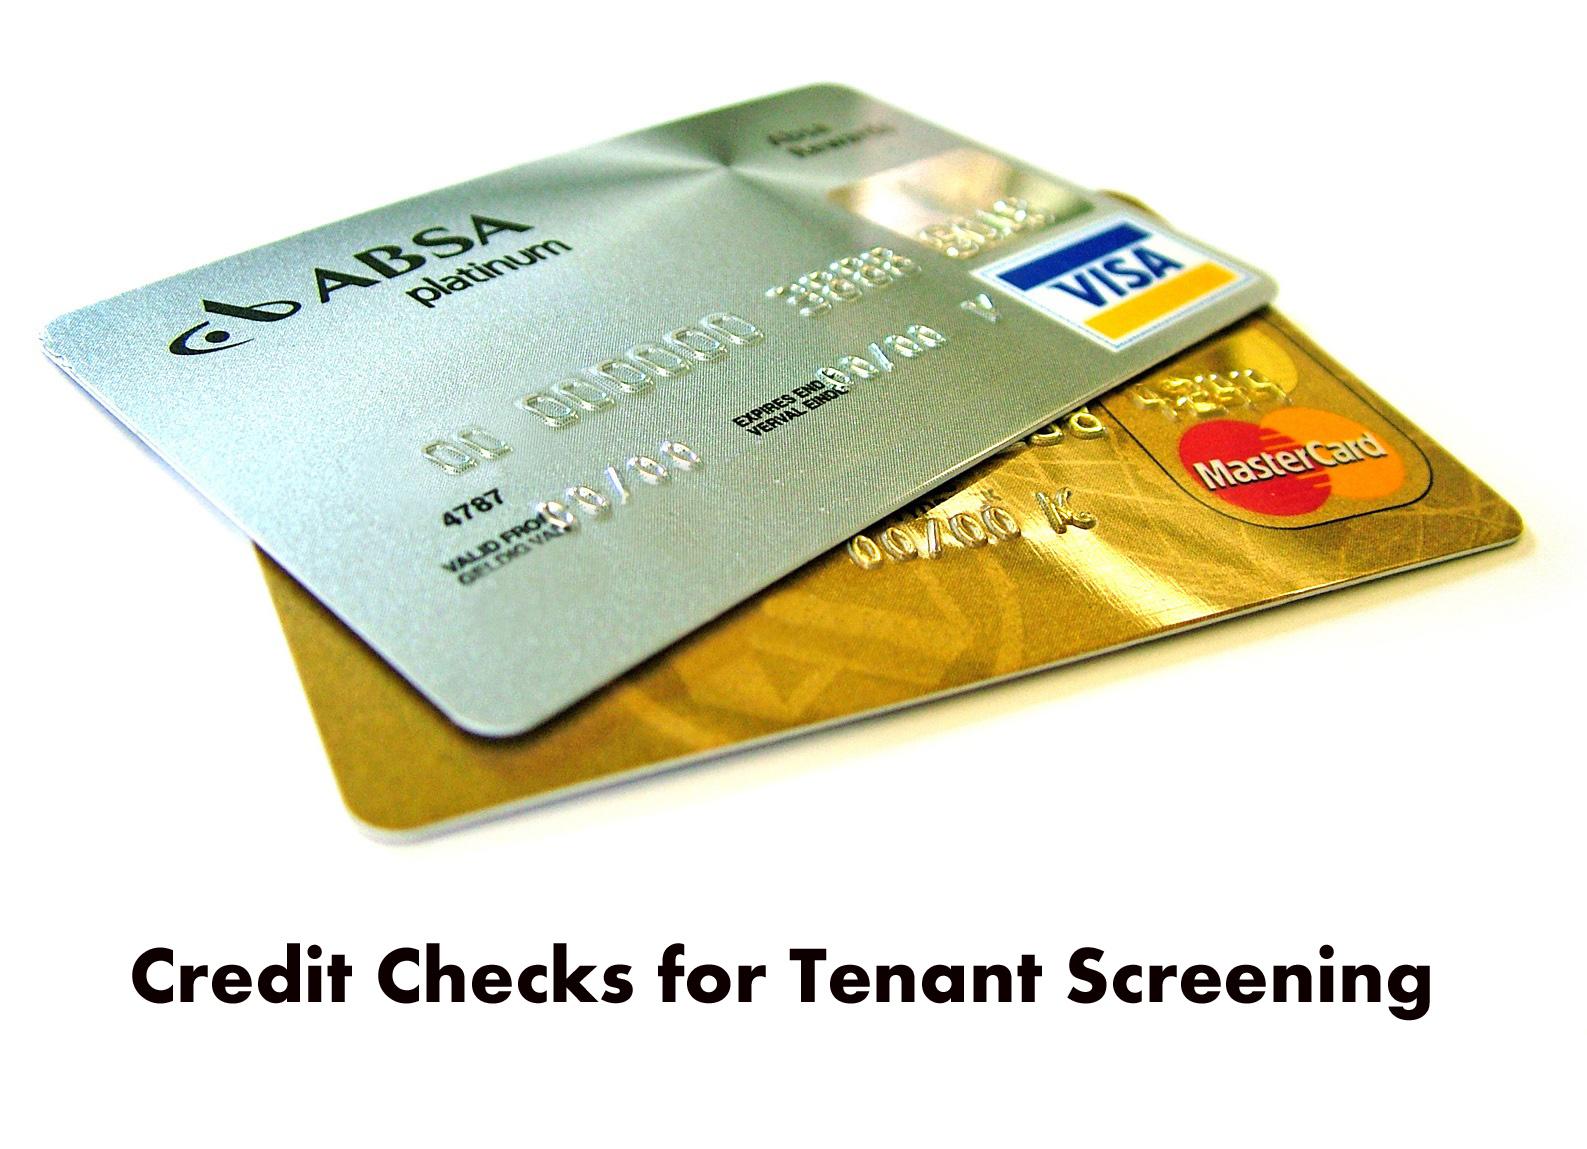 Credit Checks for Tenant Screening